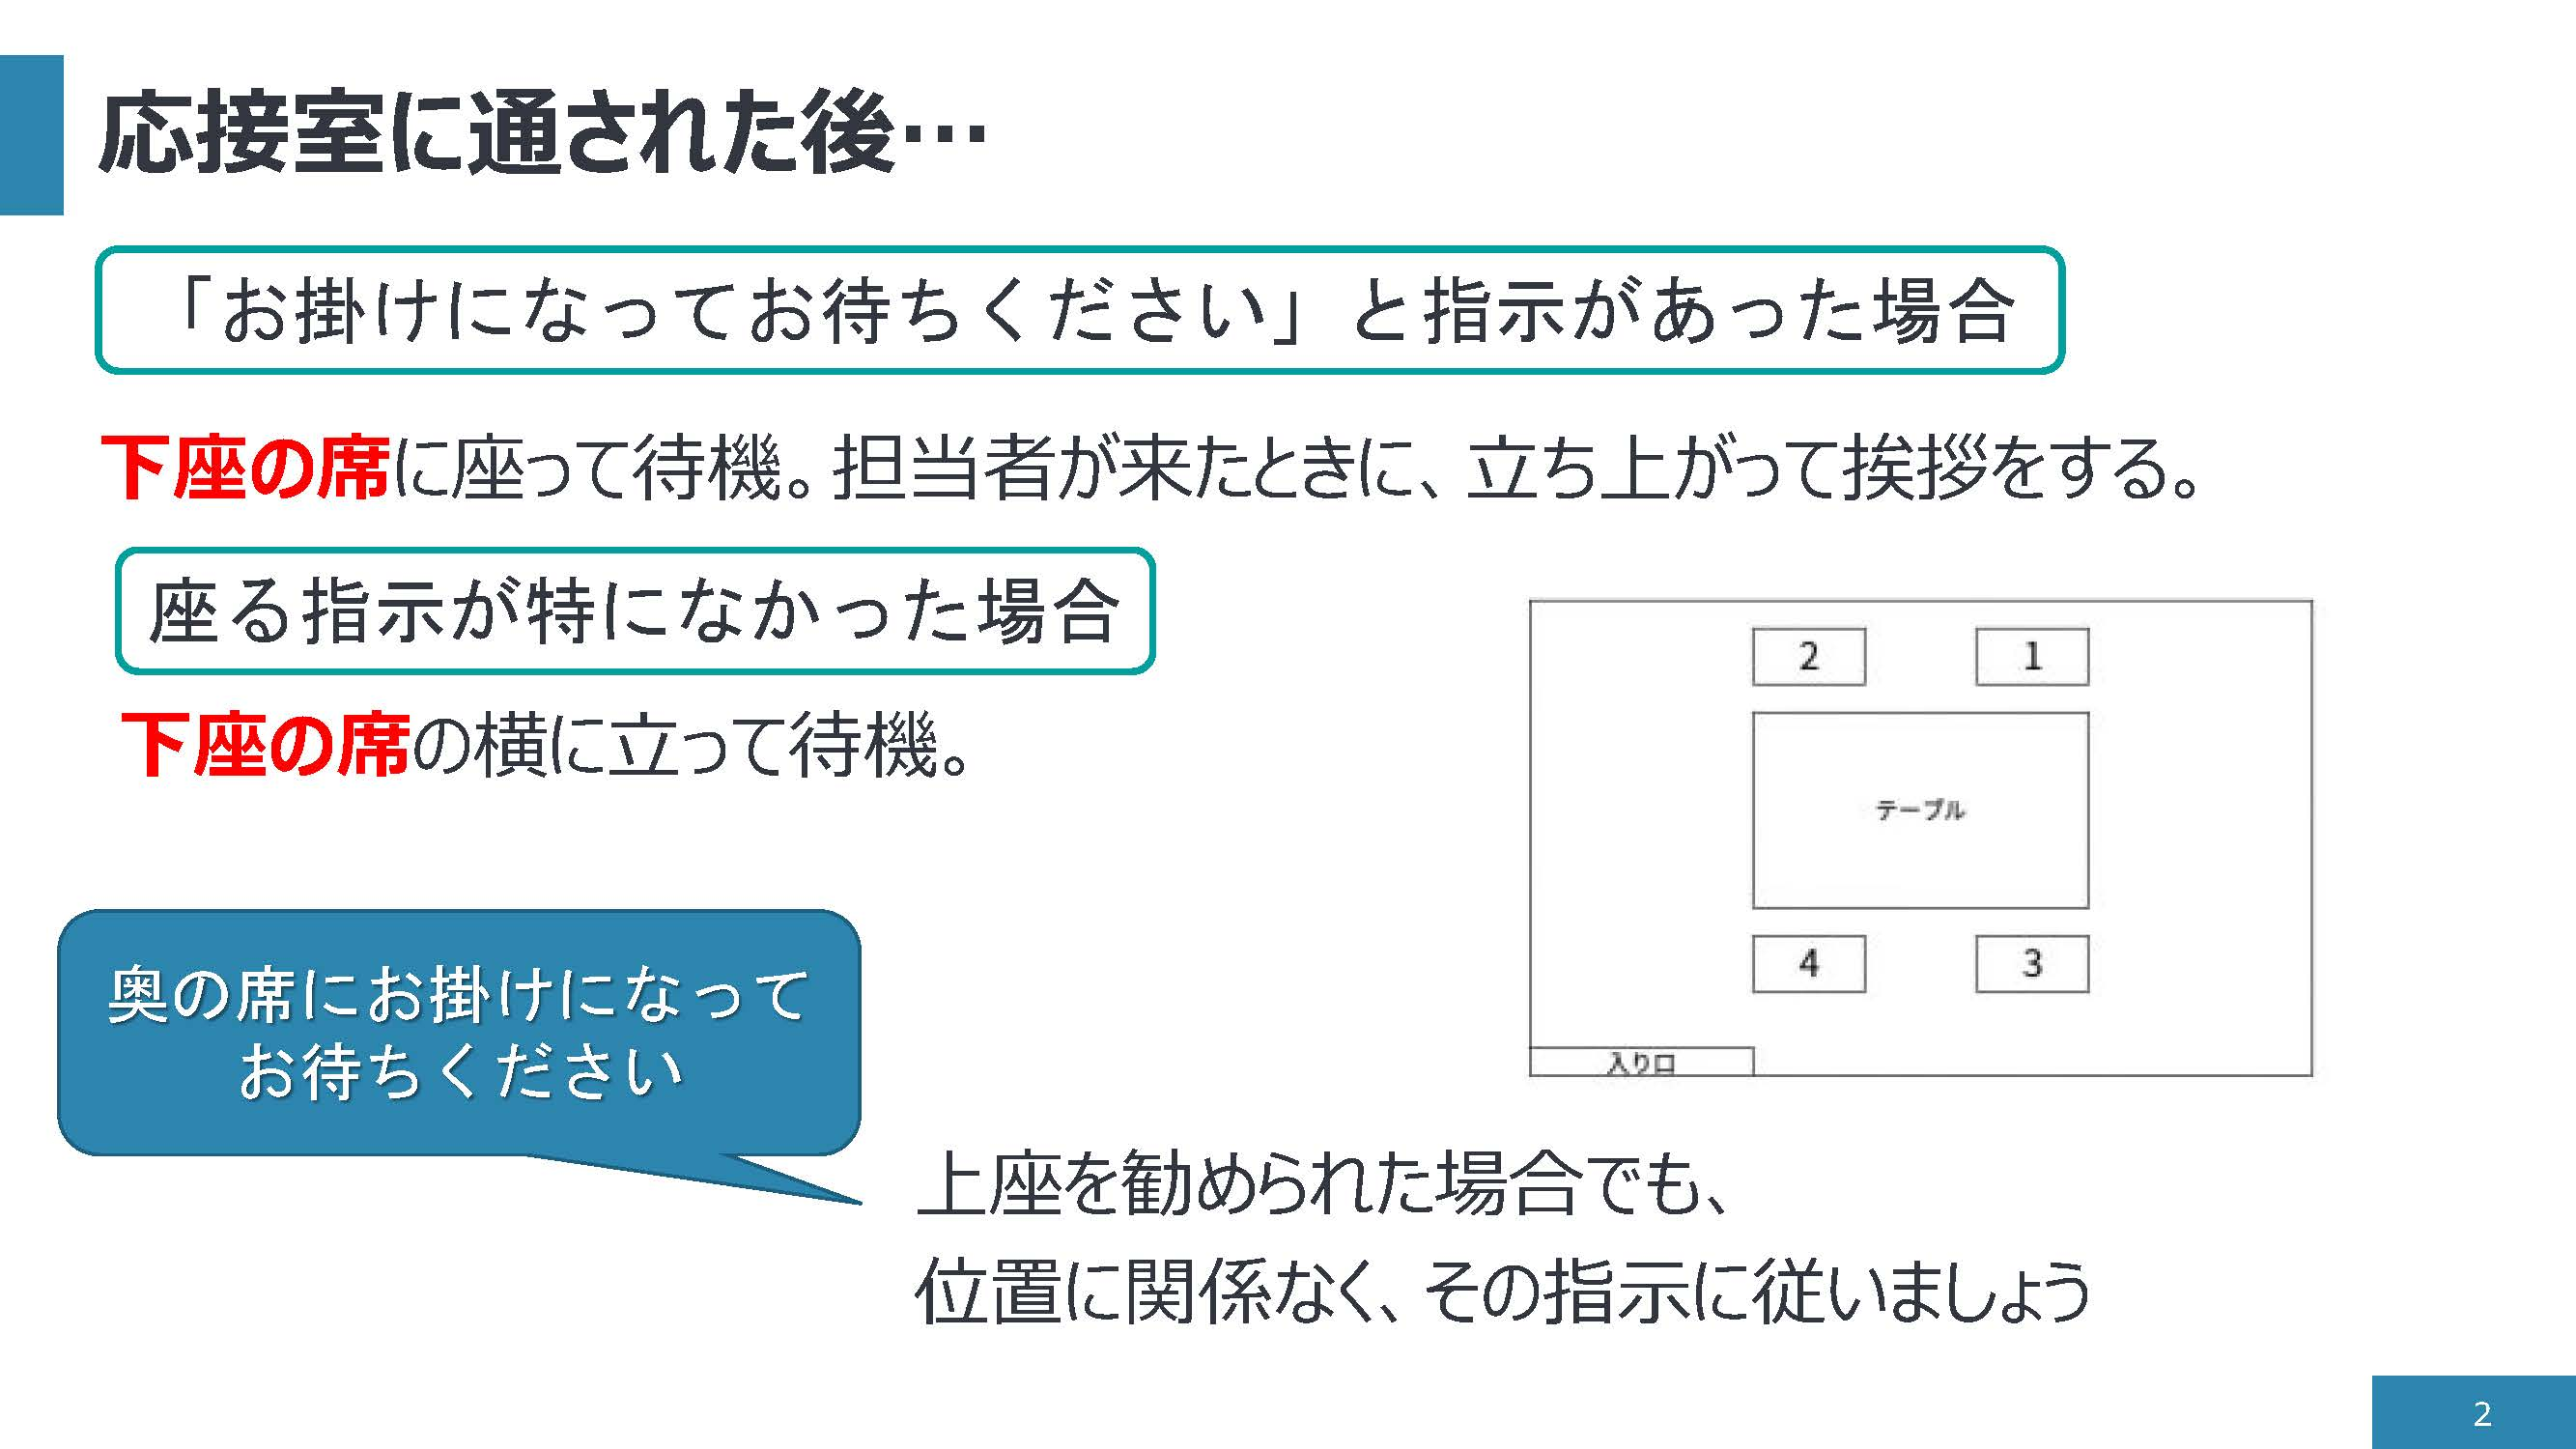 面接のマナー【ブログ掲載用】_ページ_2